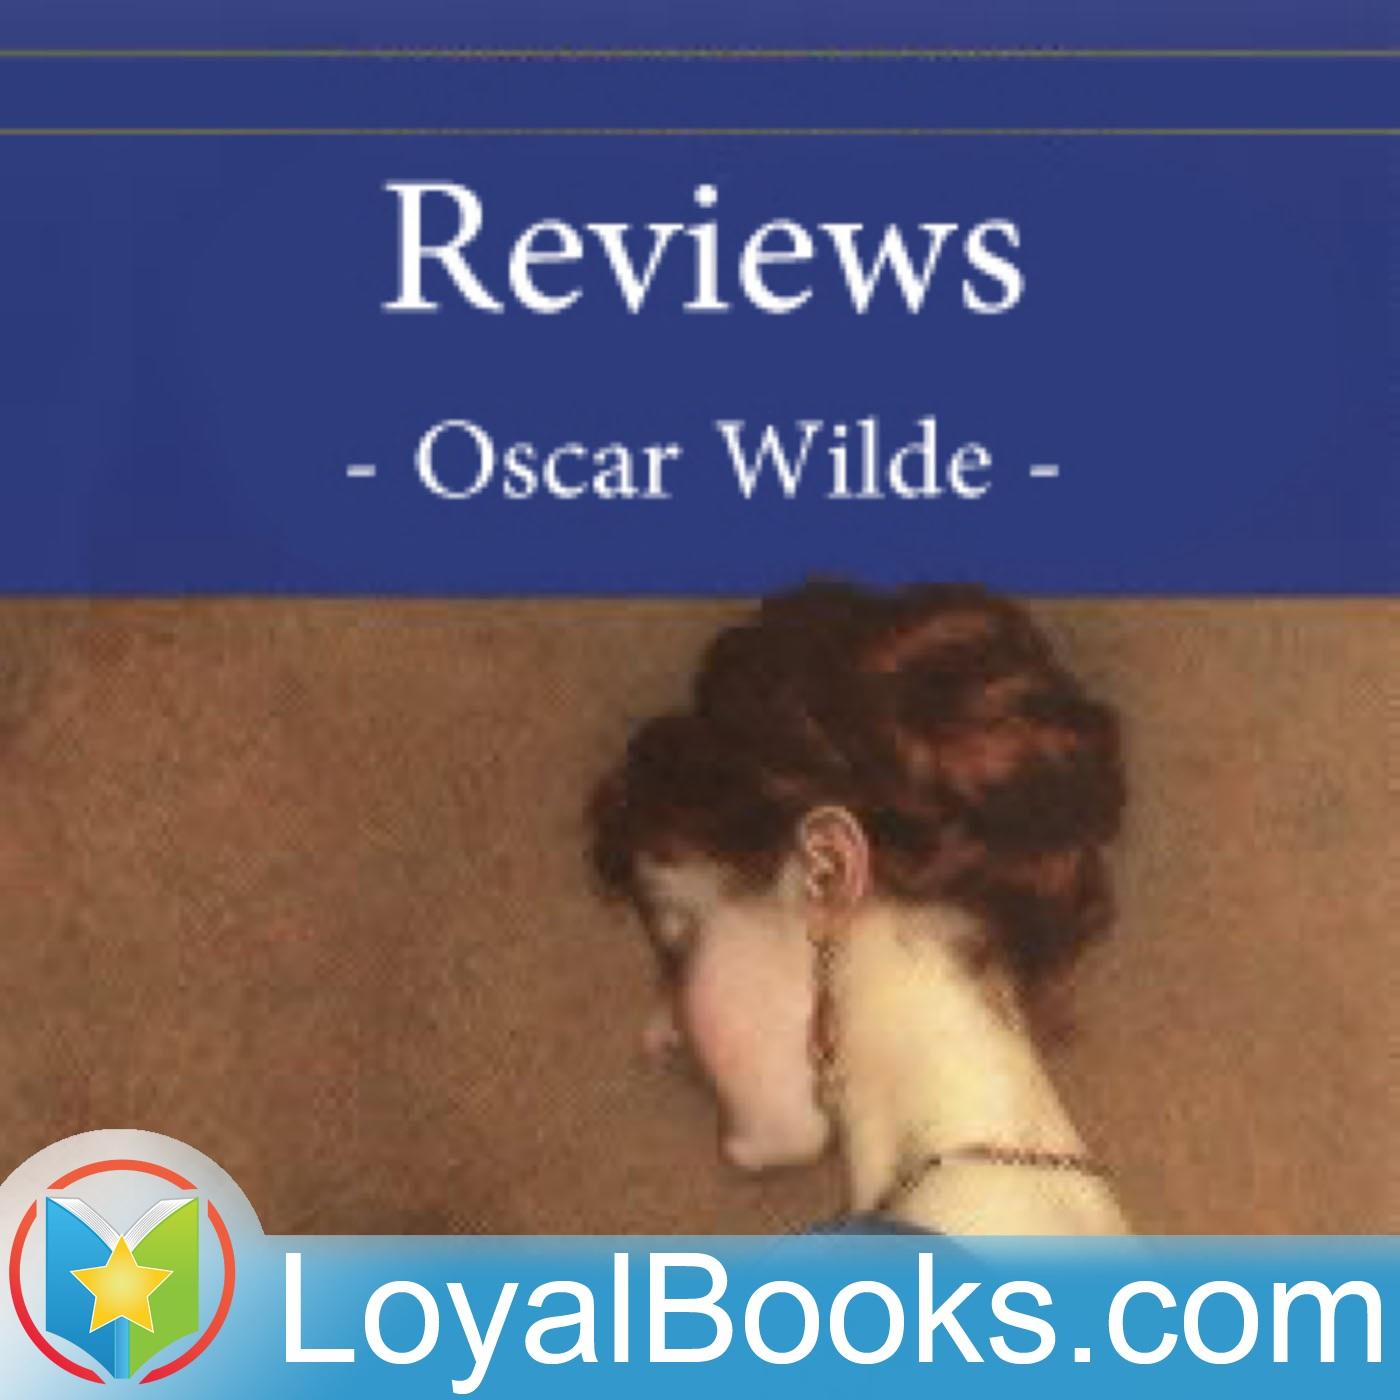 <![CDATA[Reviews by Oscar Wilde]]>